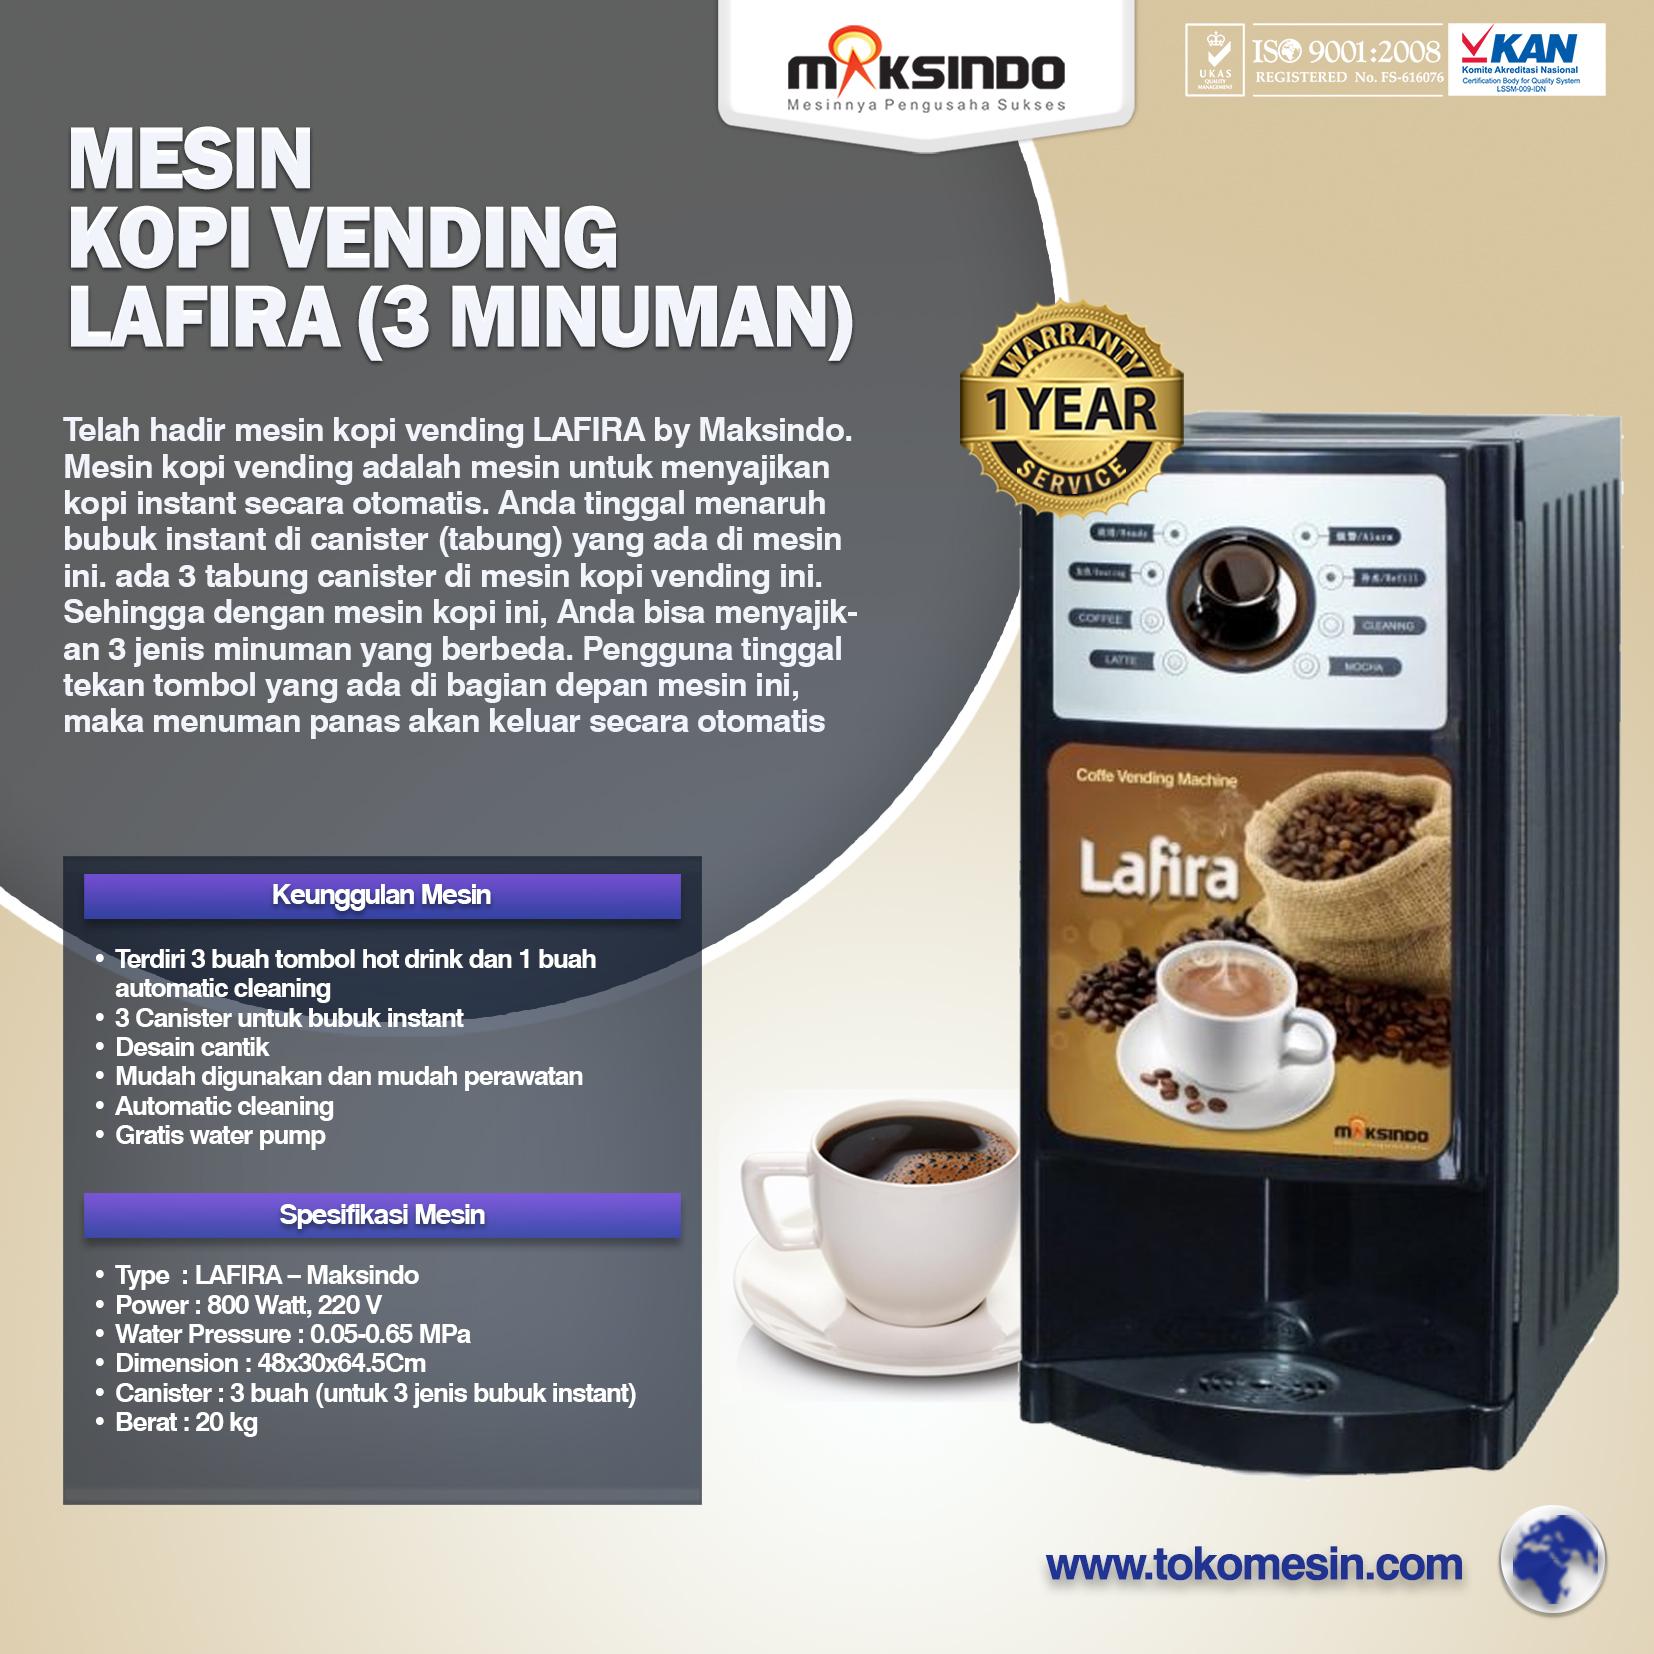 Mesin Kopi Vending LAFIRA (3 Minuman)